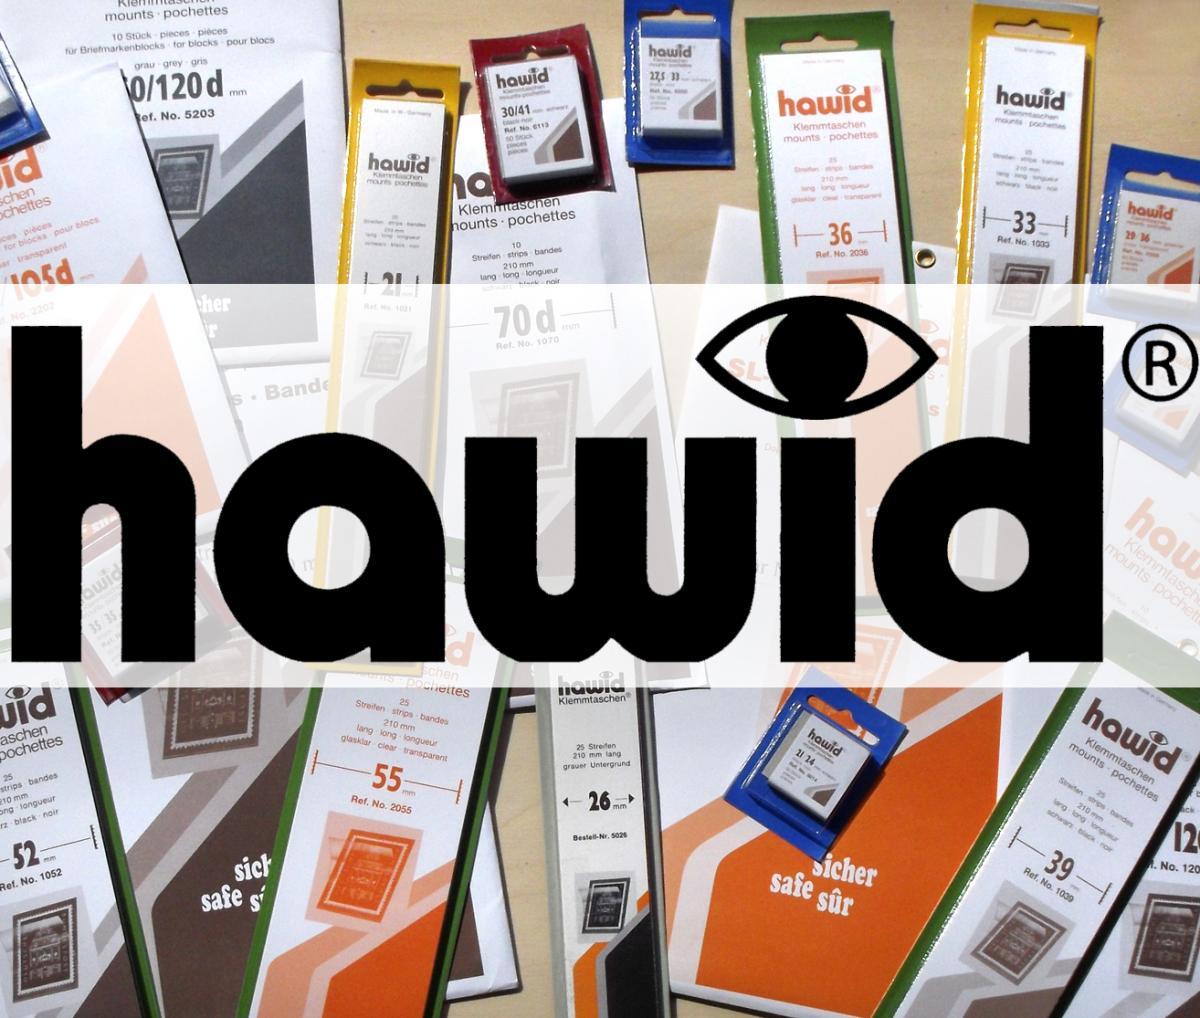 HAWID-Zuschnitte Klemmtaschen 25 x 30 mm, glasklar, 50 Stück (blaue Verpackung)